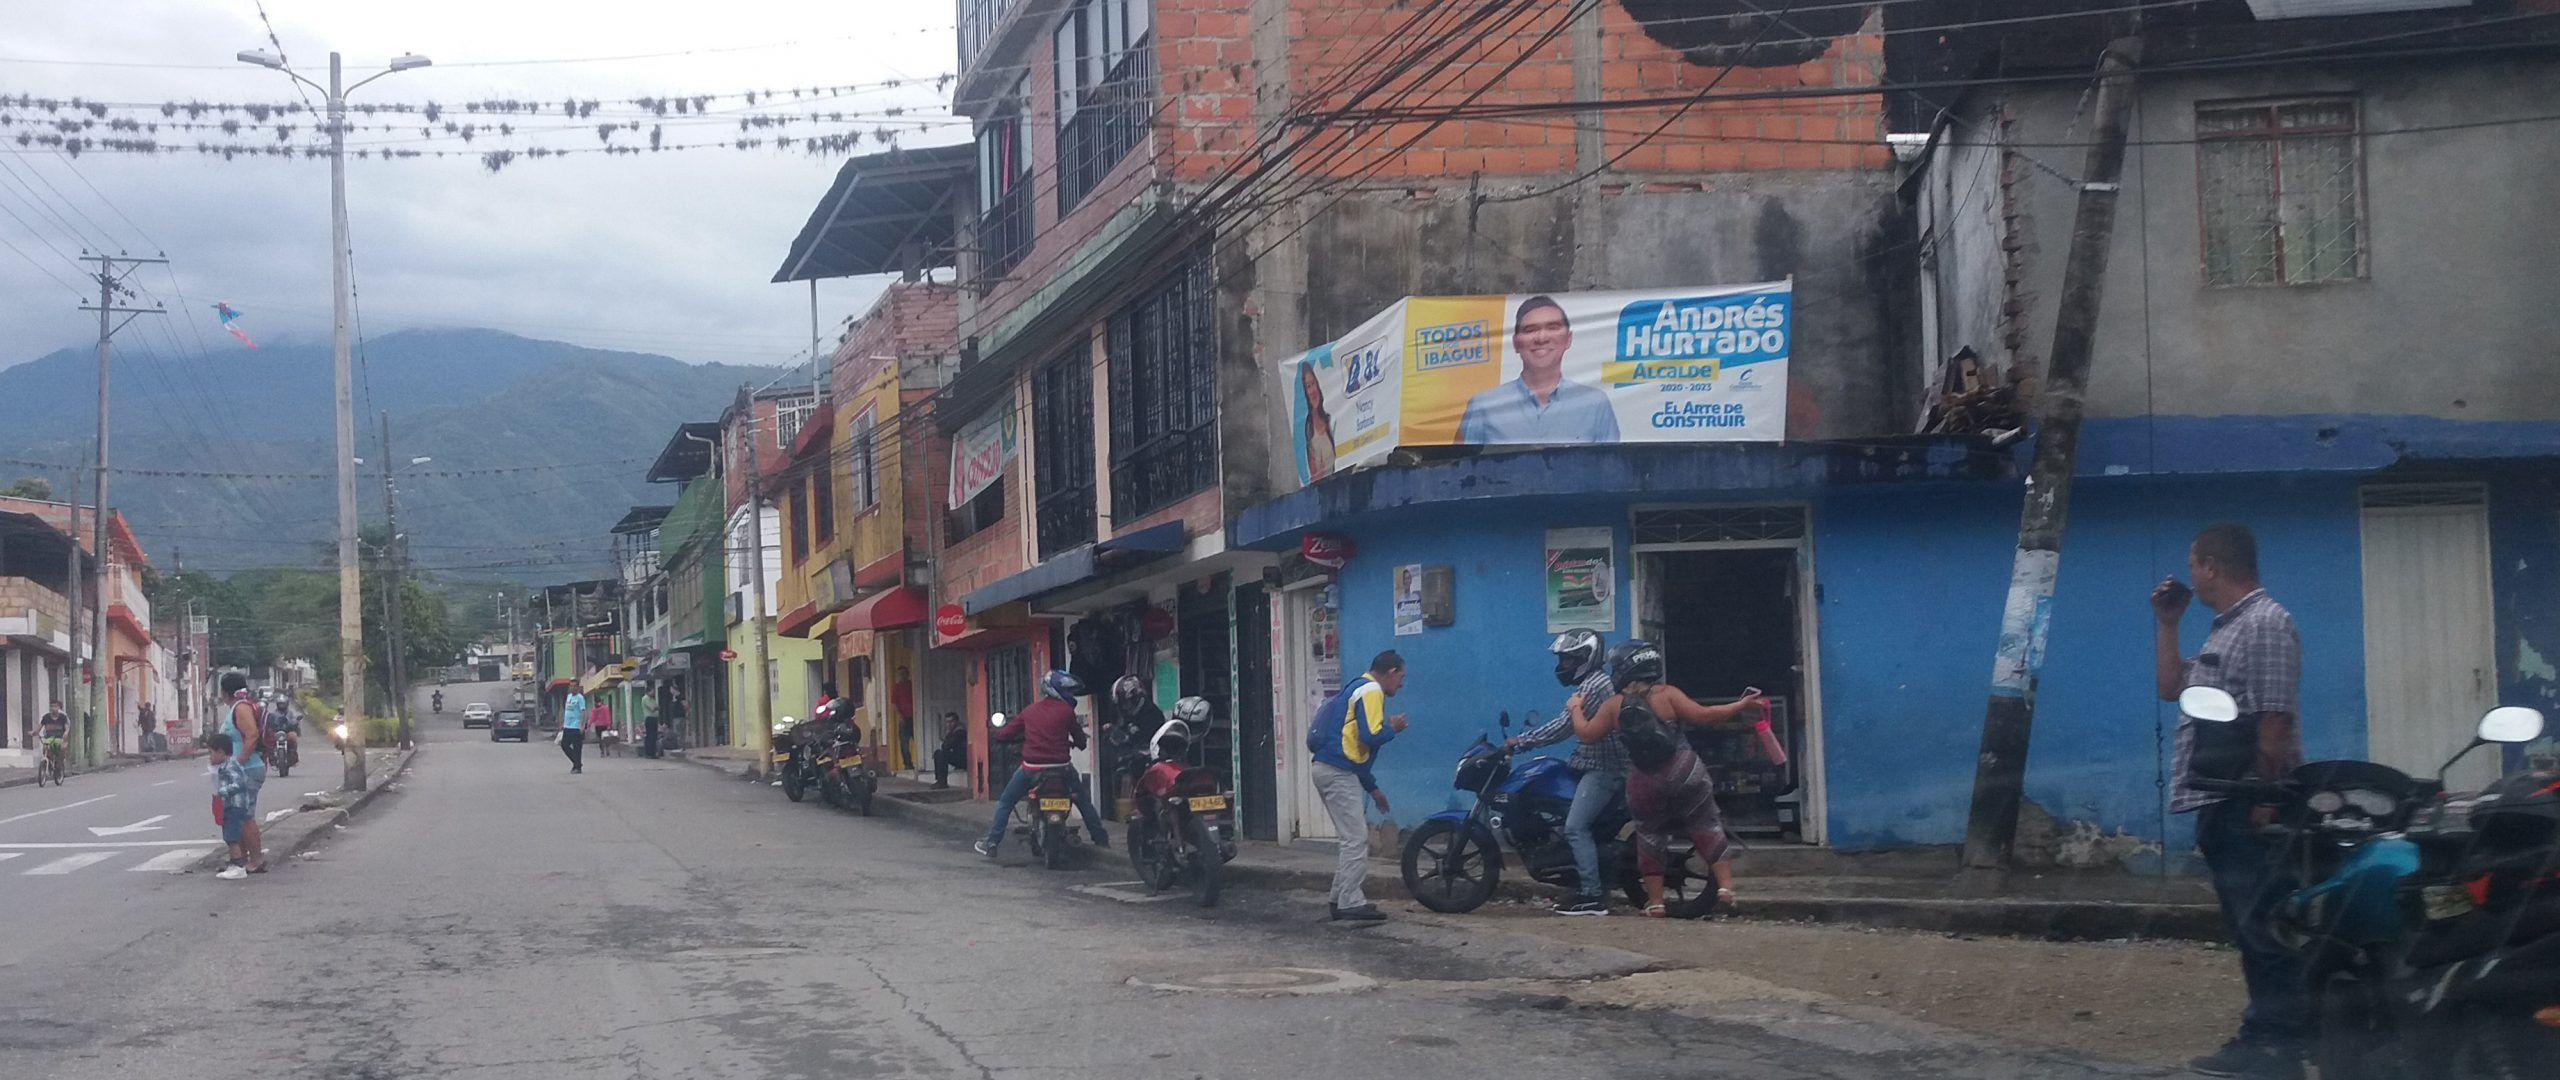 El mototaxismo va en aumento en Ibagué